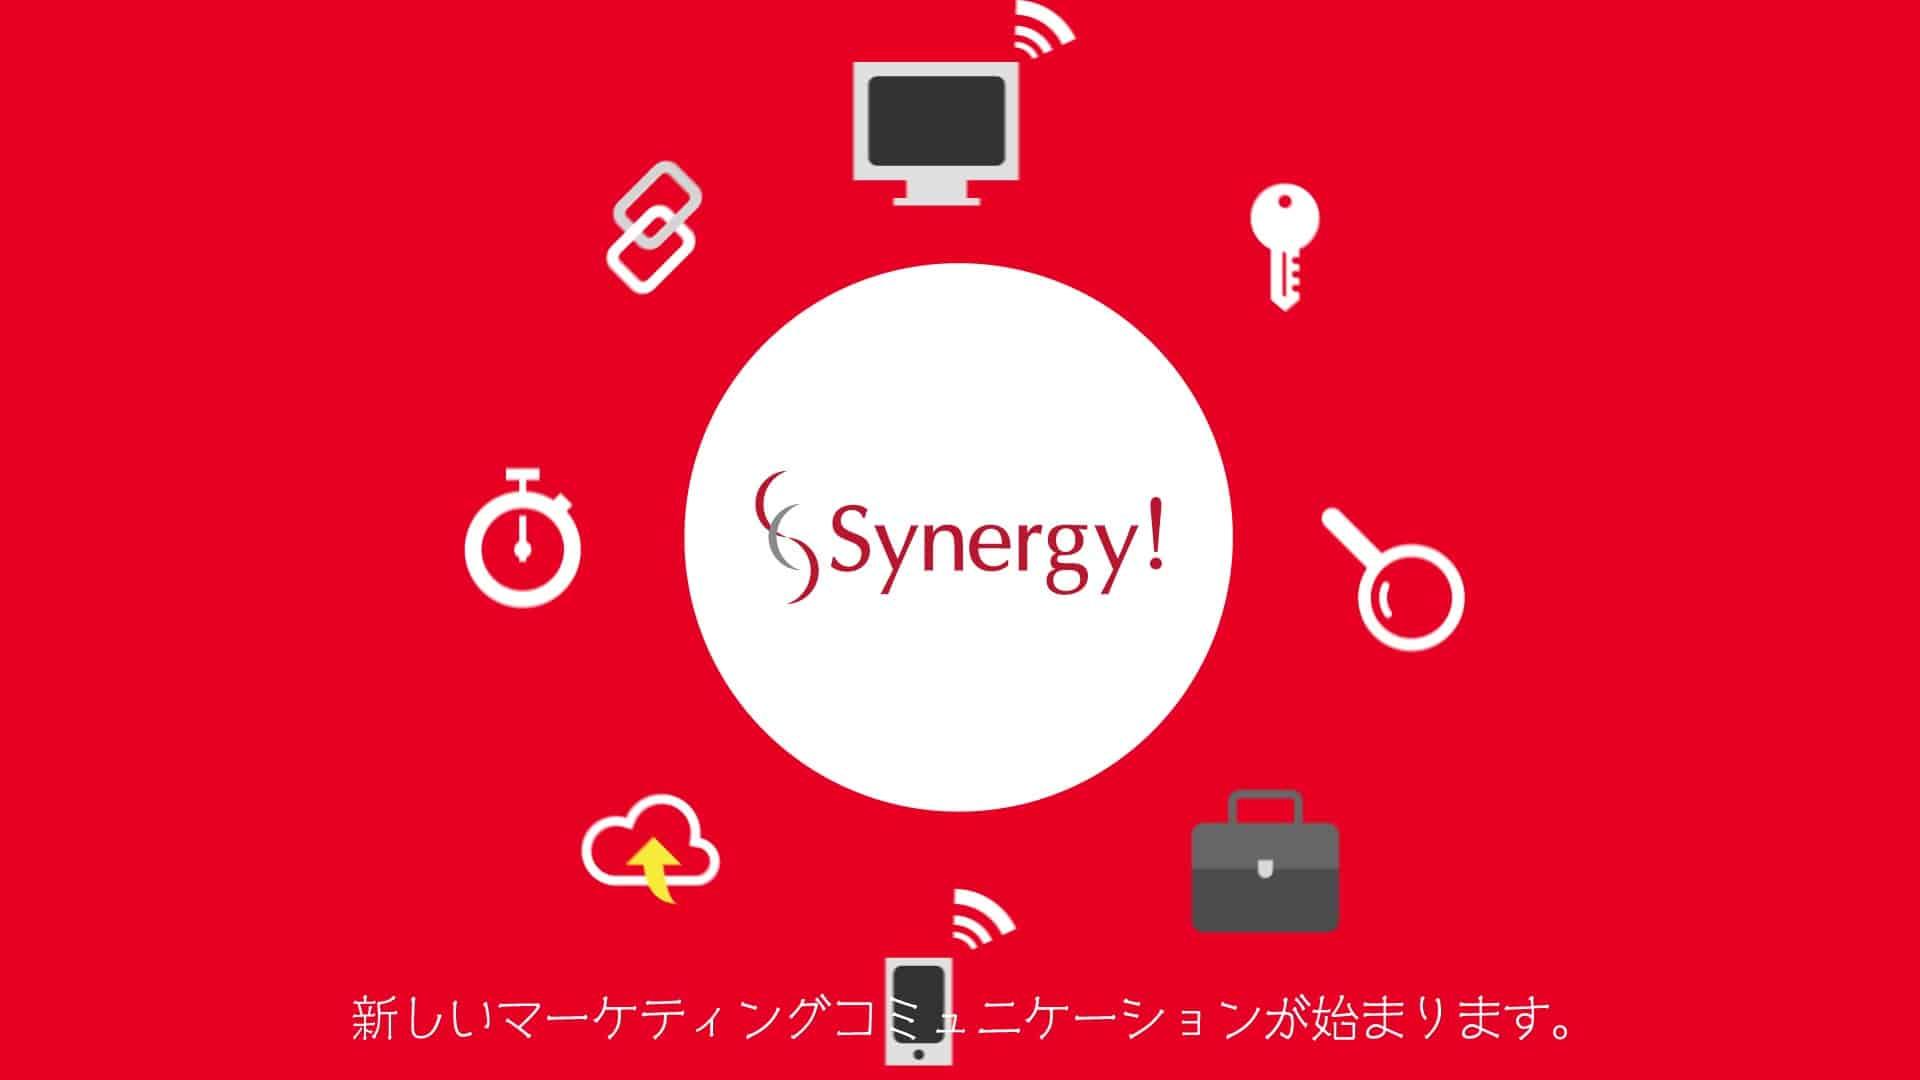 シナジーマーケティング 様 | Synergy!が実現する新規顧客獲得と既存顧客育成 - AD×CRM